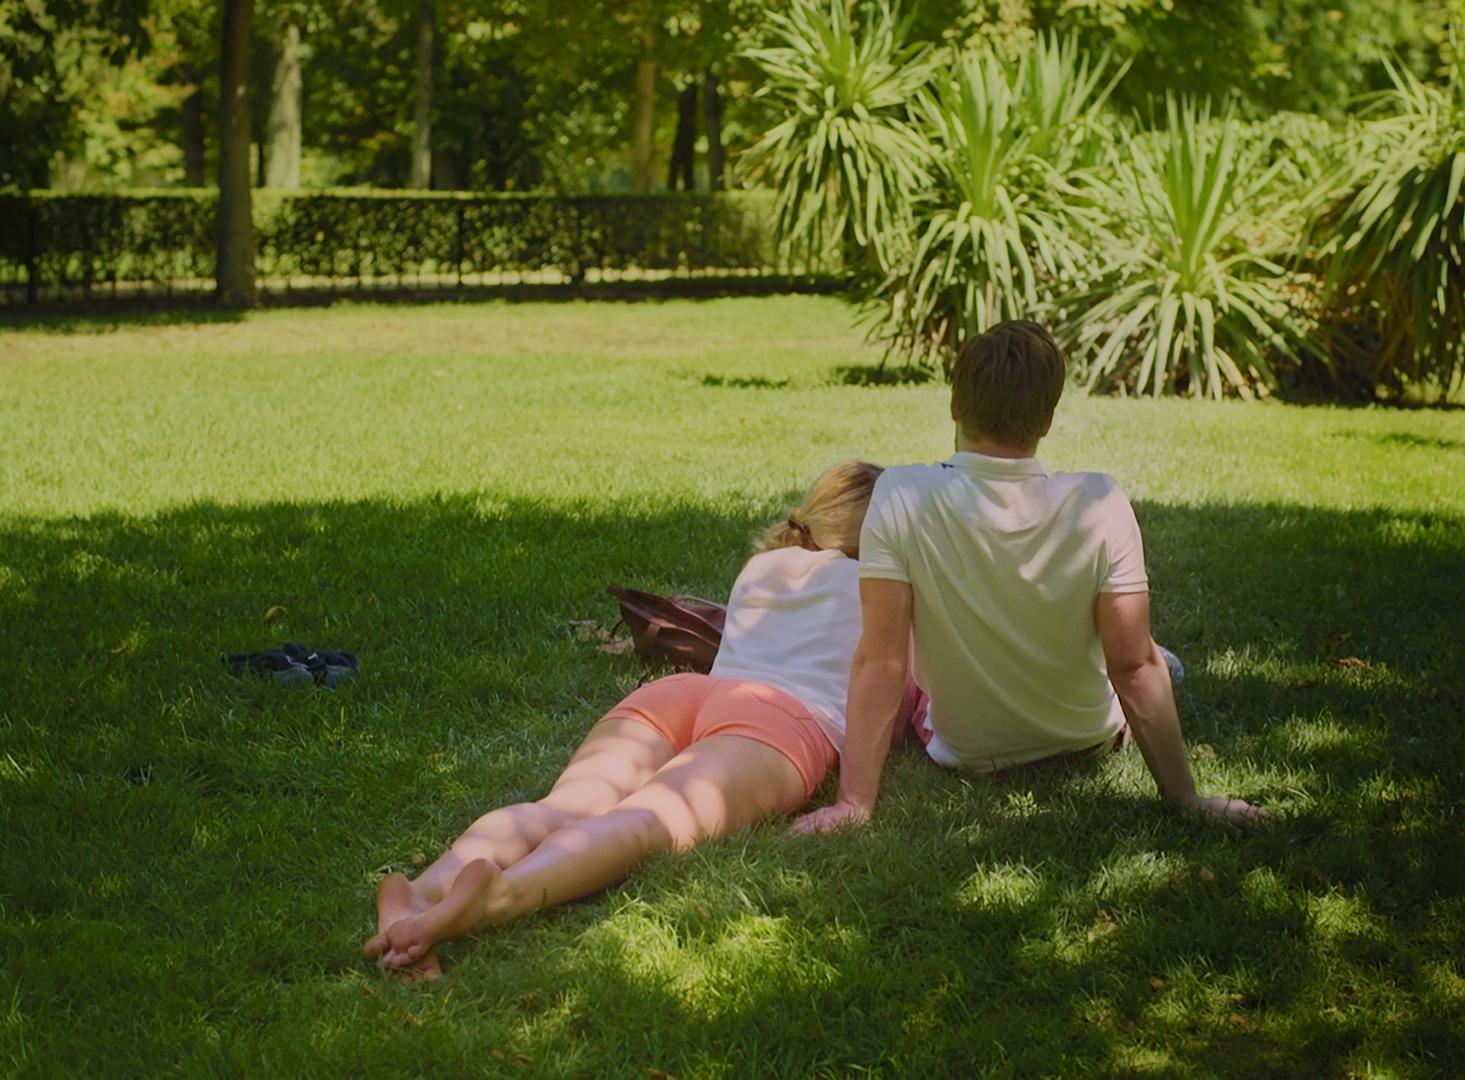 pico tres festival de cine online mujeres